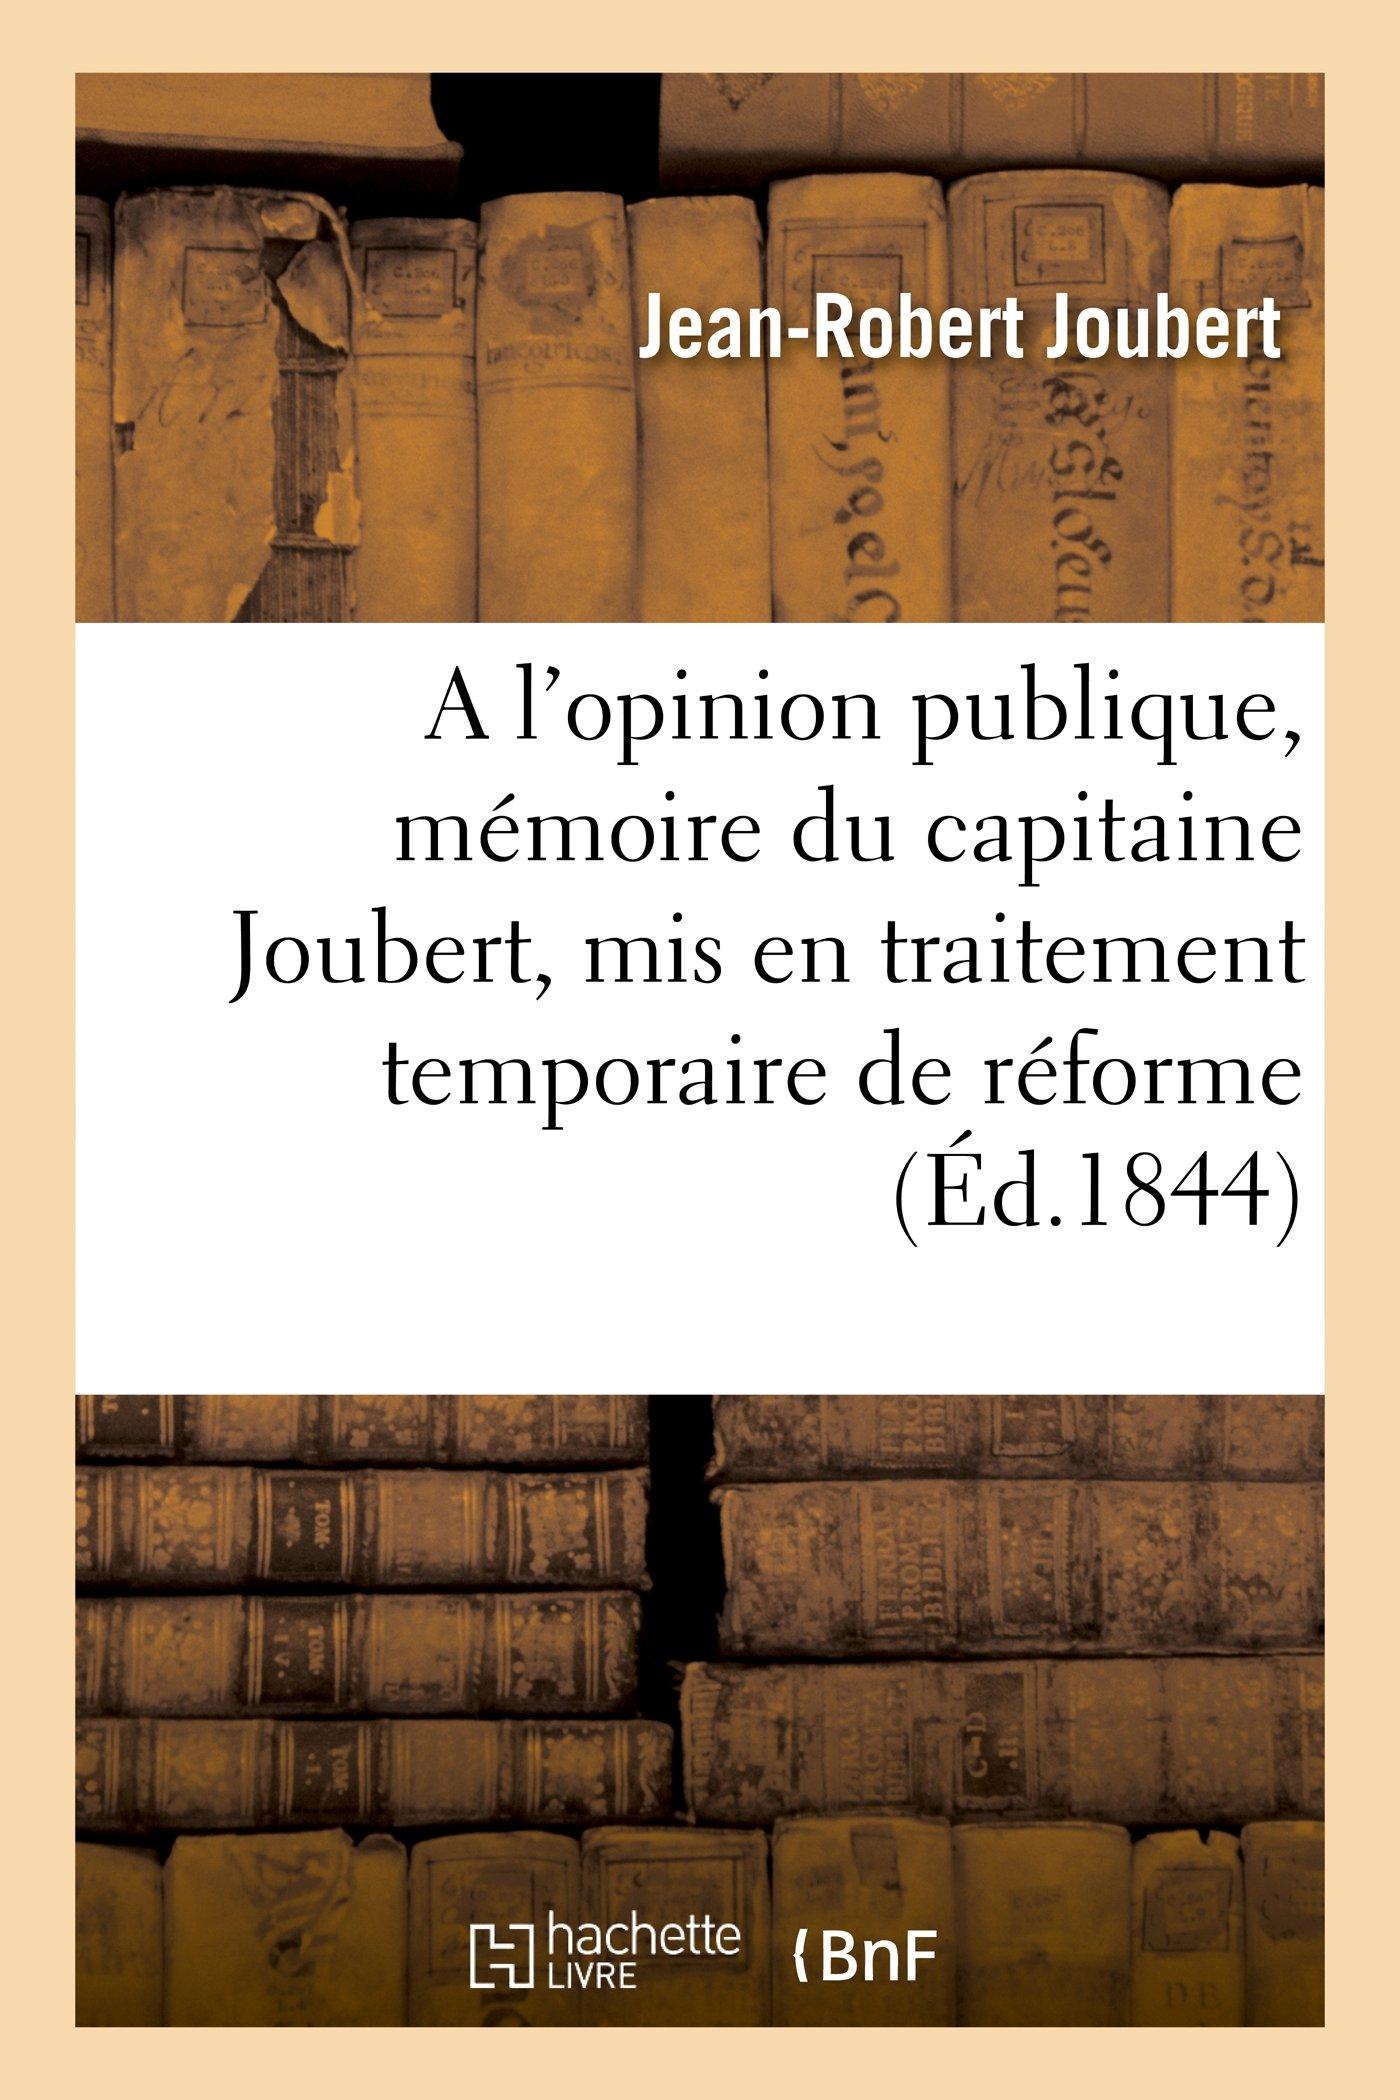 A l'opinion publique, mémoire du capitaine Joubert, mis en traitement temporaire de réforme Broché – 1 juillet 2013 Jean-Robert Joubert A l'opinion publique Hachette Livre BNF 2011784166